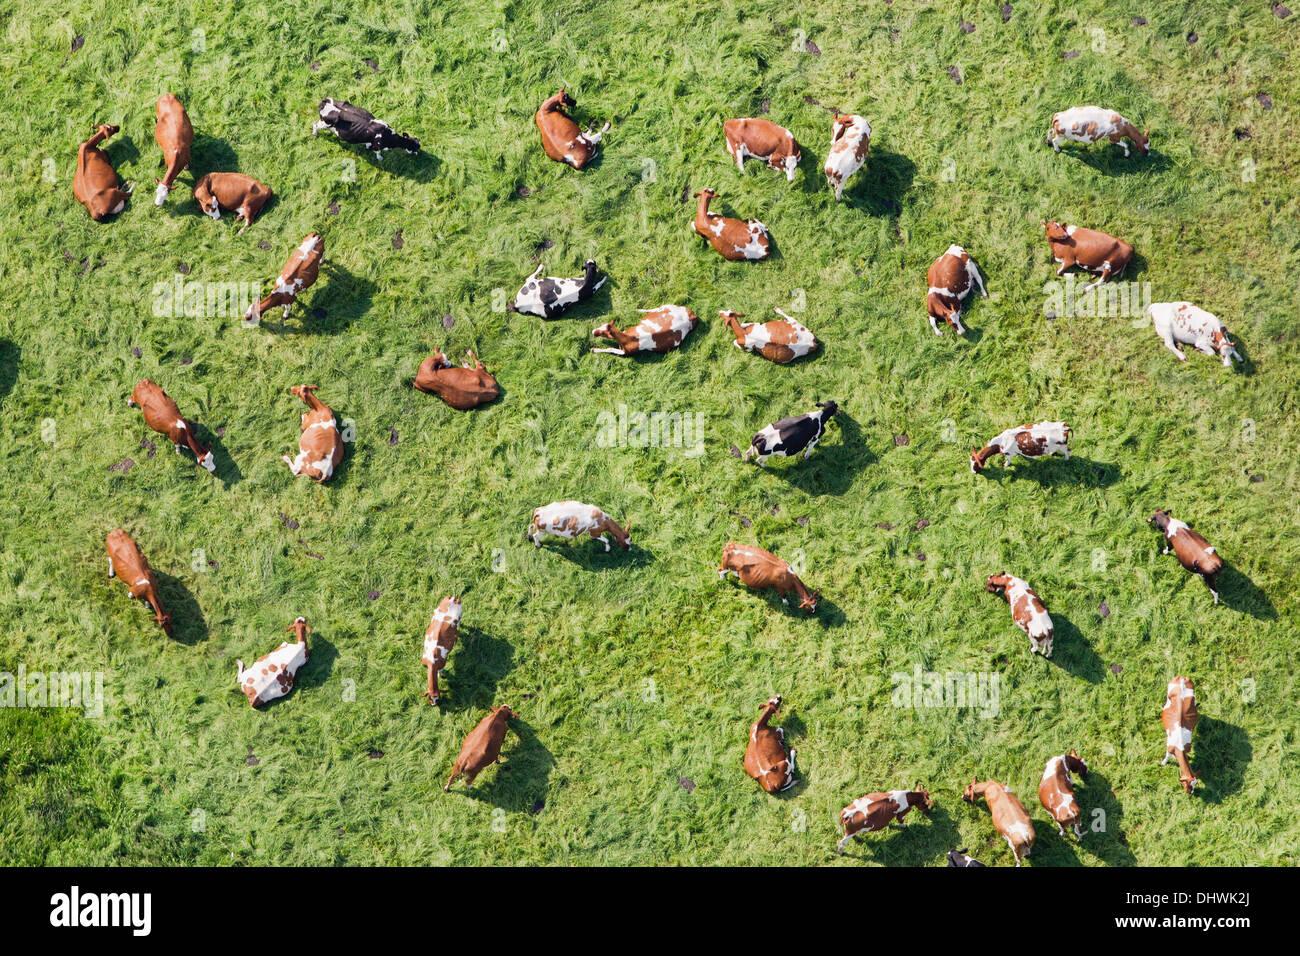 Netherlands, Westbroek, cows in meadow ruminating. Aerial - Stock Image